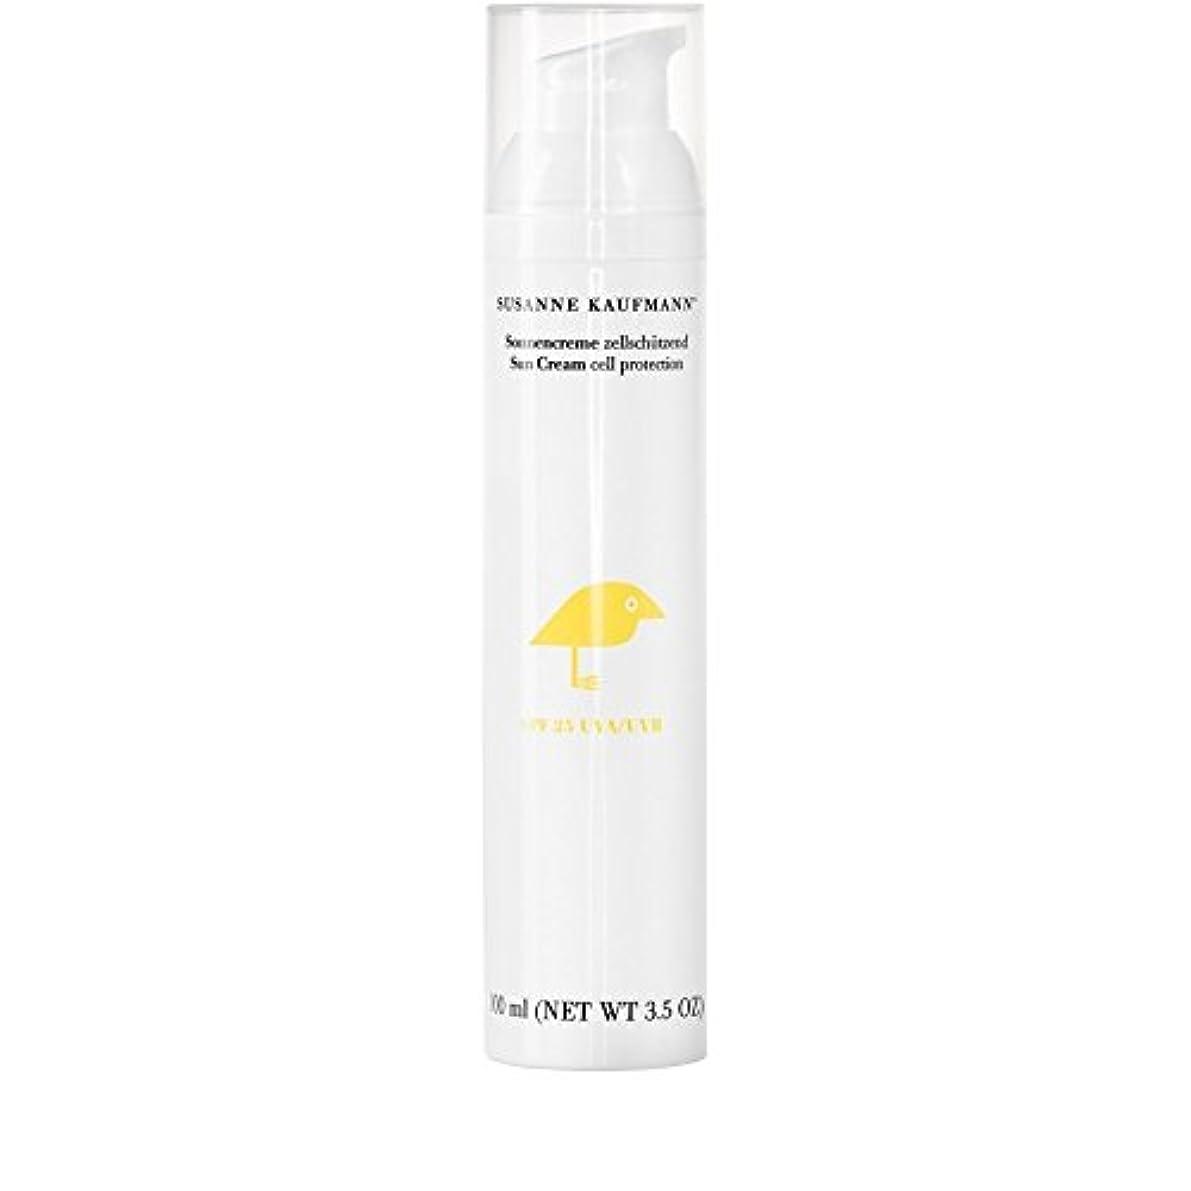 快適運賃成功するSusanne Kaufmann Cell Protection Sun Cream SPF25 100ml - スザンヌカウフマン細胞保護日クリーム25の100ミリリットル [並行輸入品]